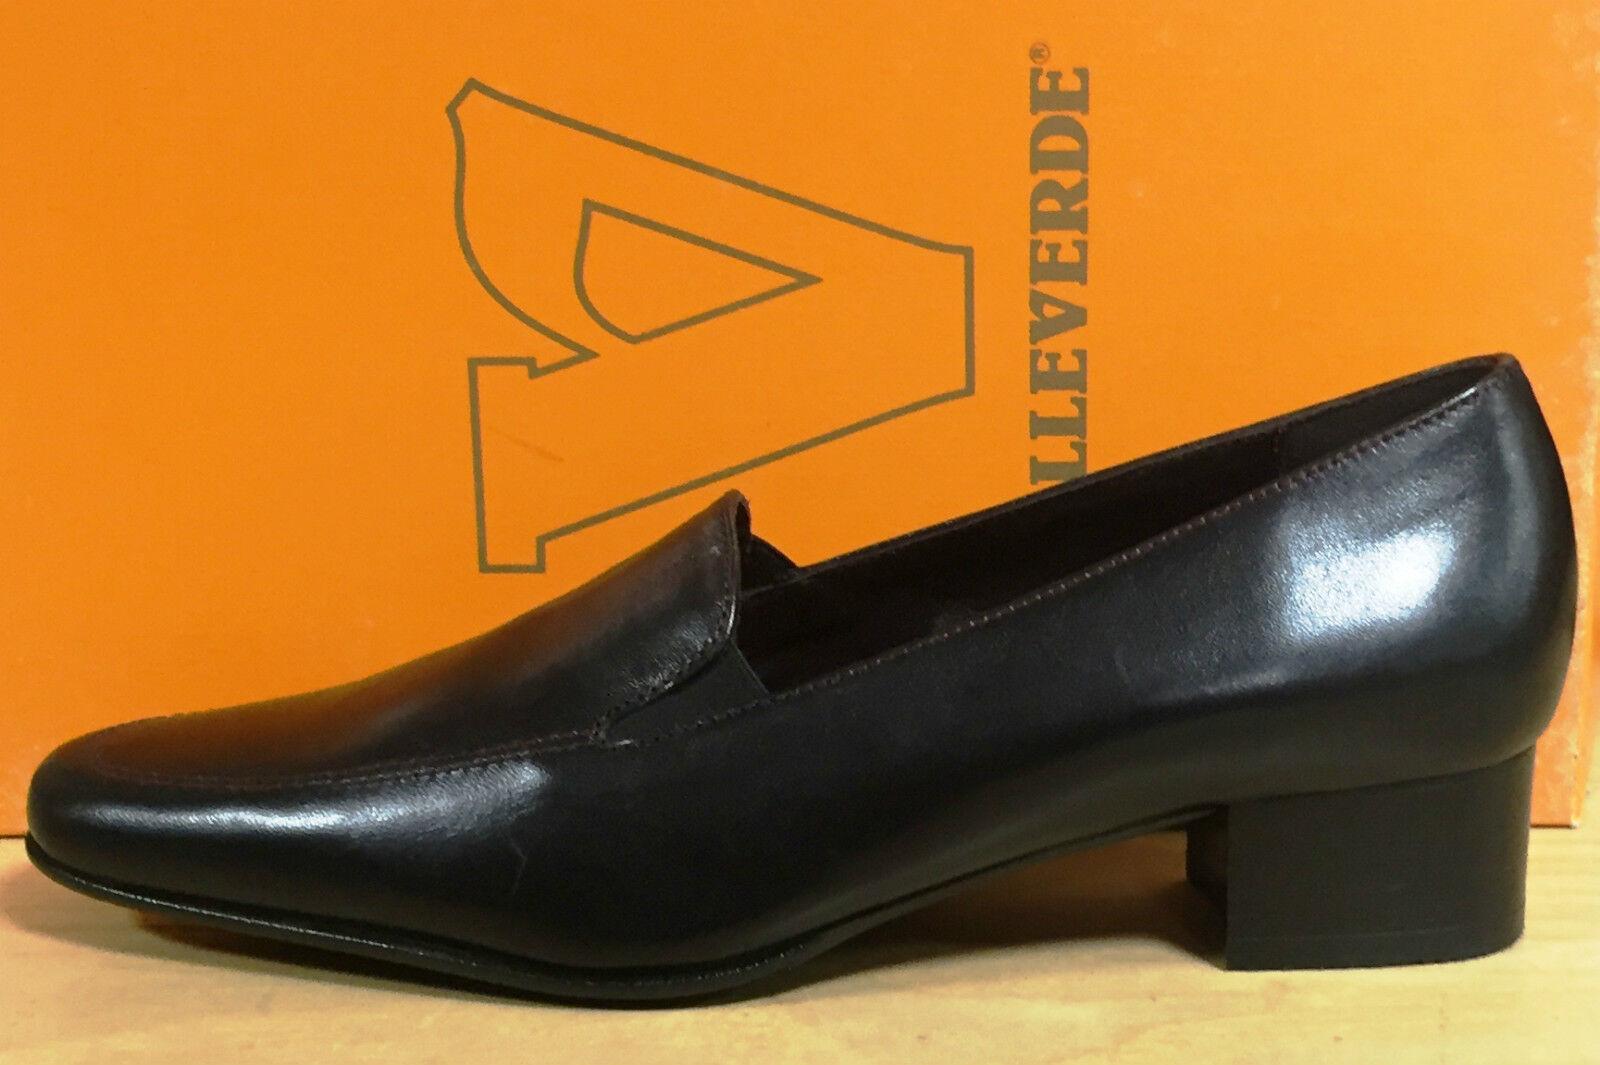 Valleverde zapatos de mujer tacón zapatos de salón de tacón mujer baja en suave cuero negro 47a775